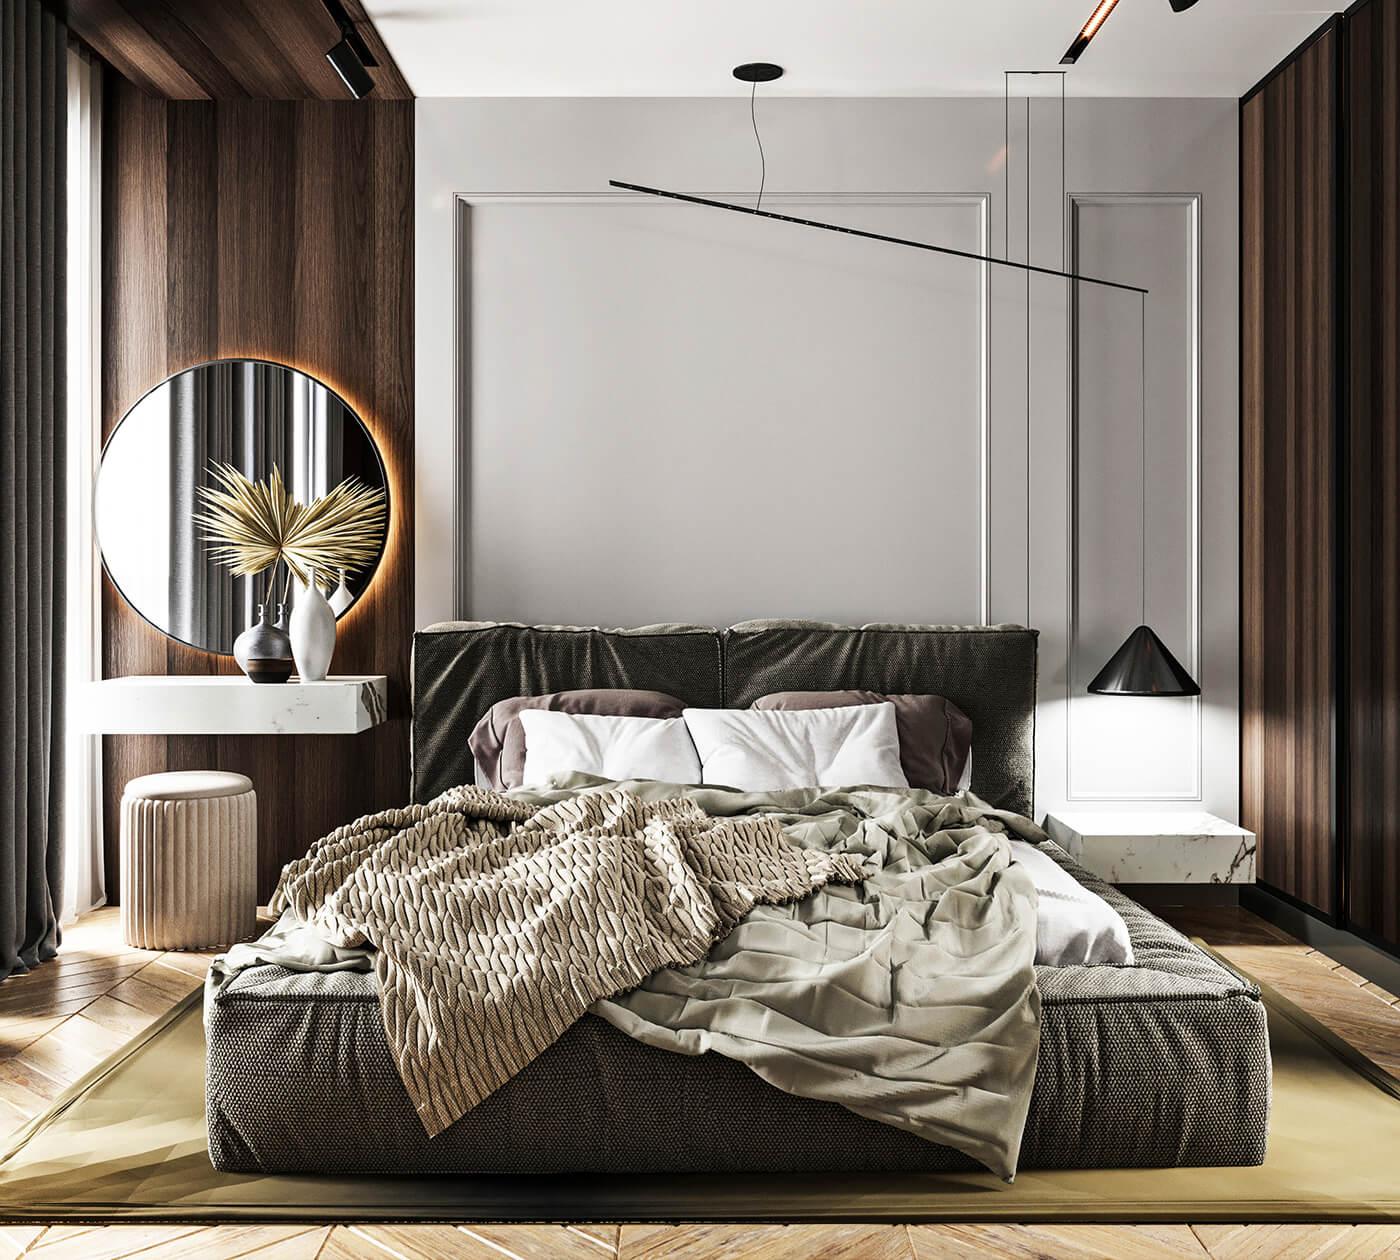 interioren-dizain-proekt-na-spalnya-v-moderen-stil